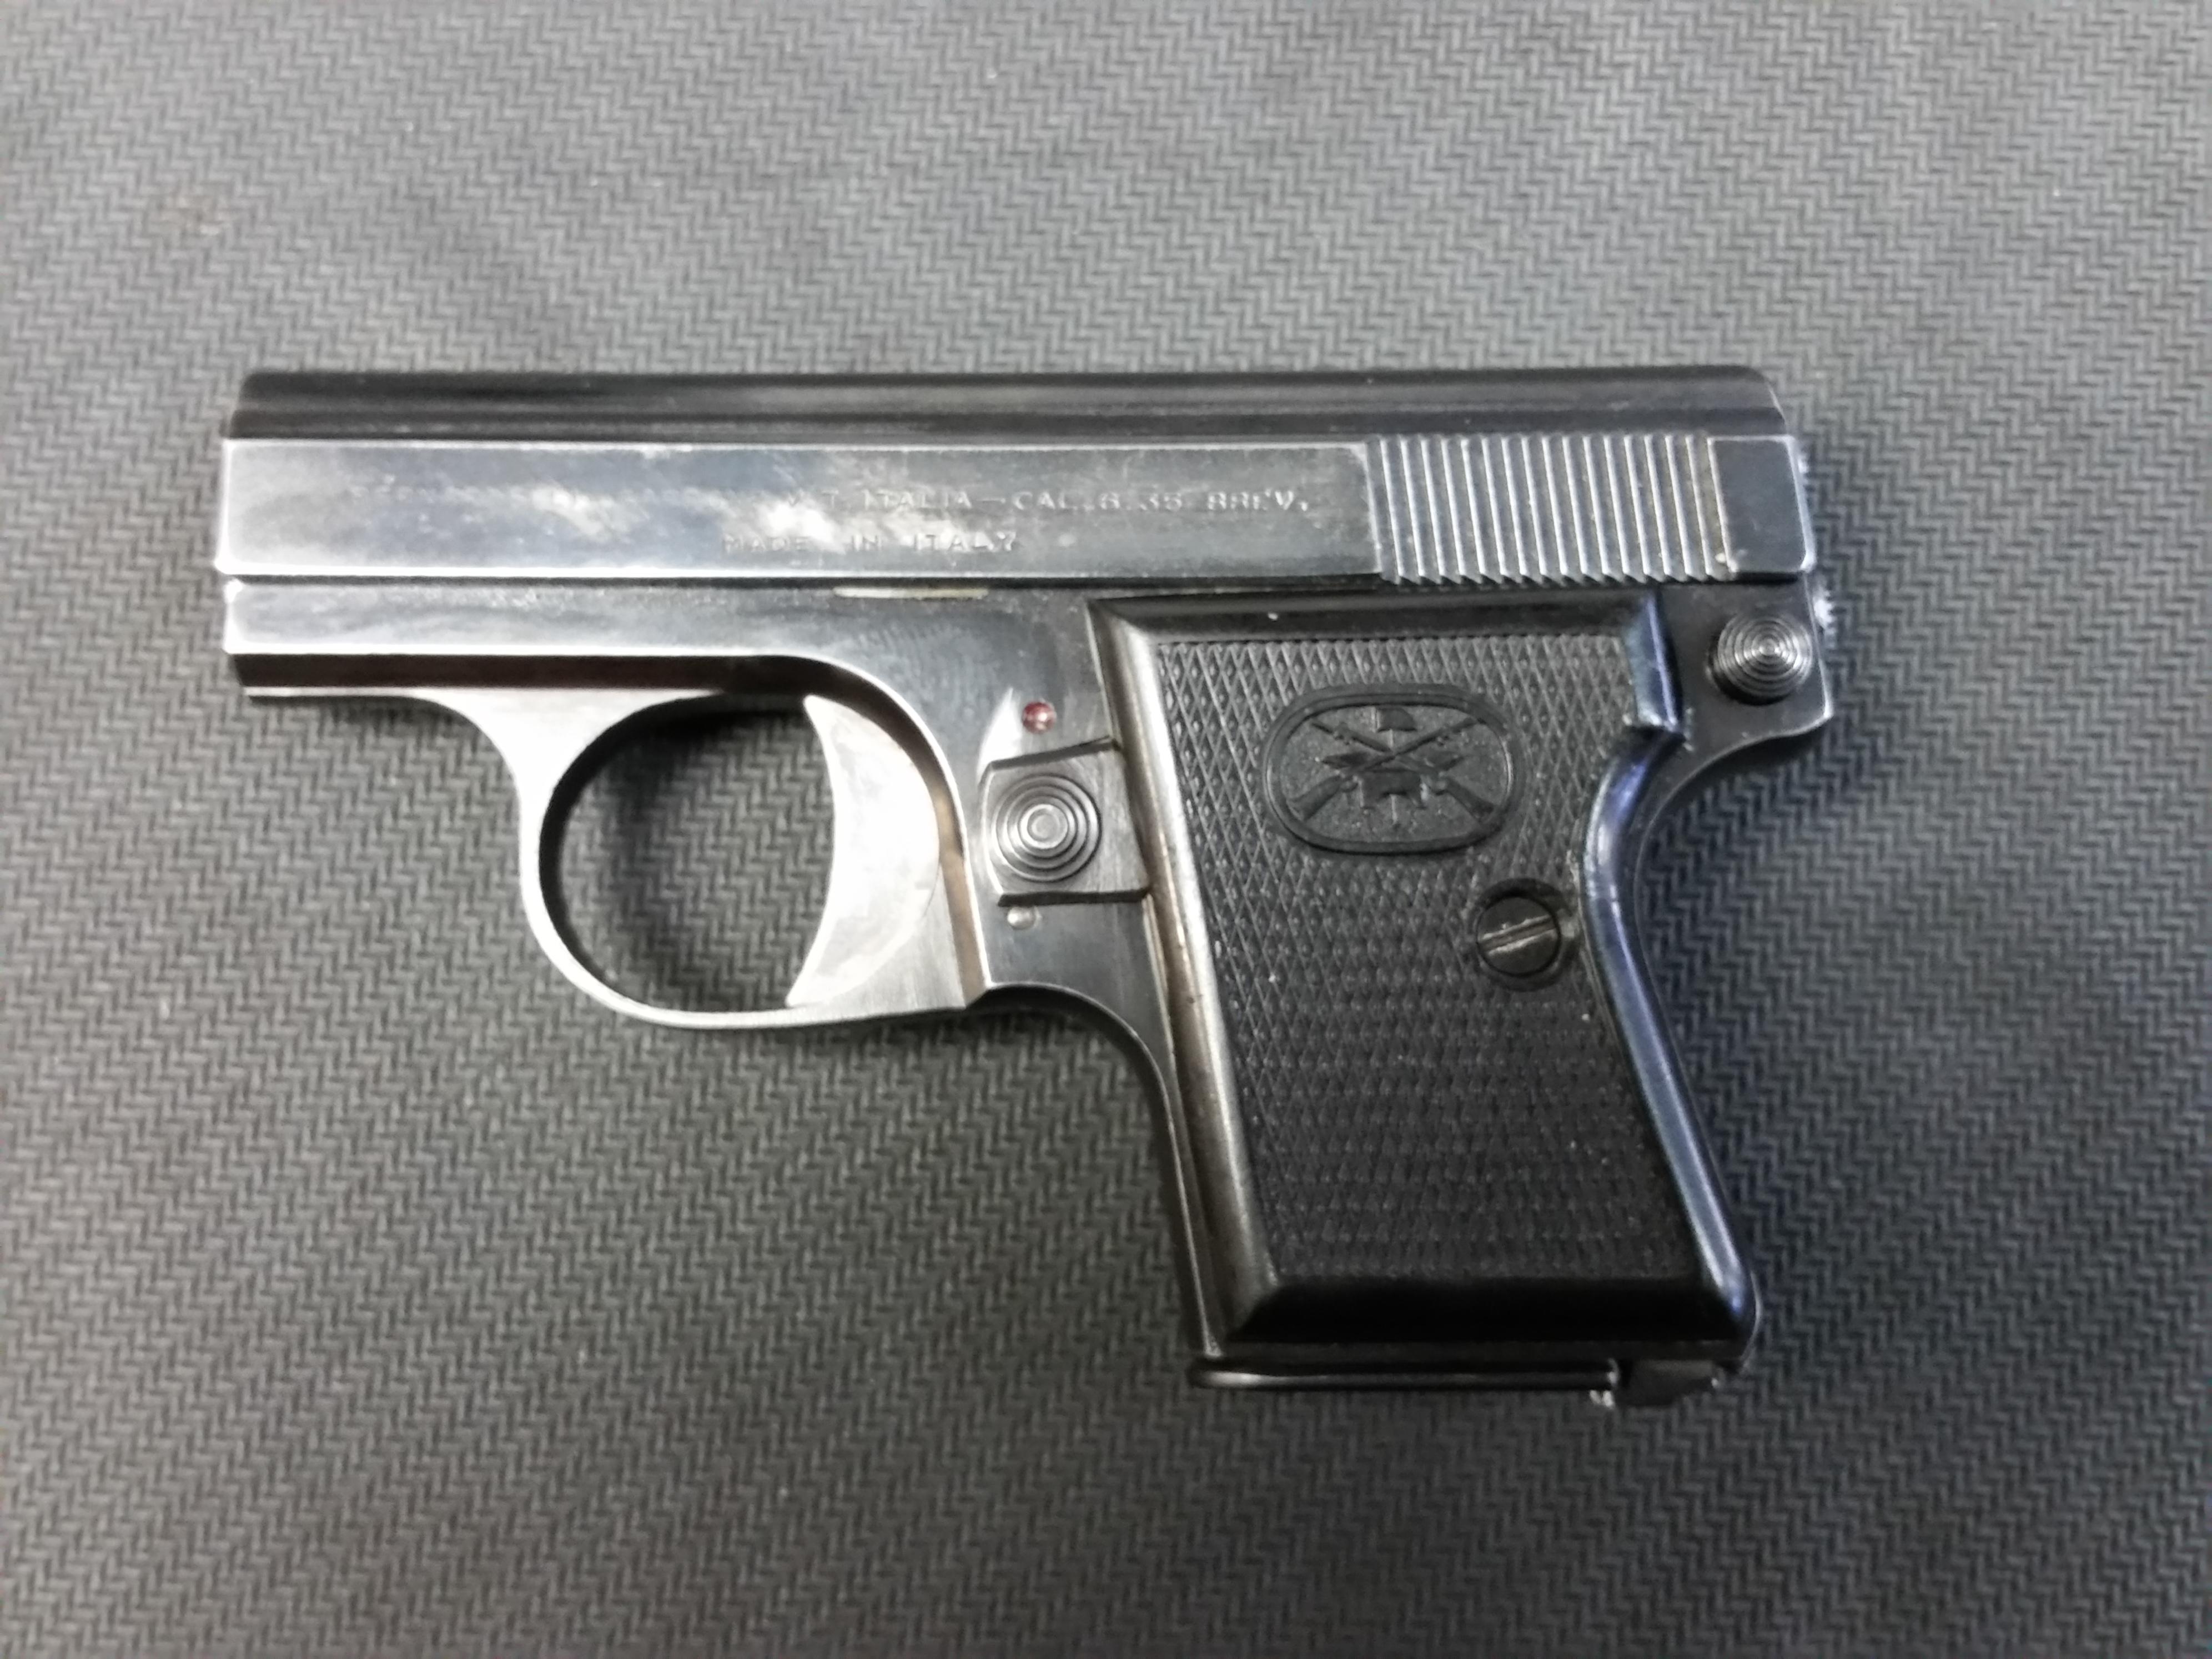 bernardelli vest pocket 25 caliber 6 35mm